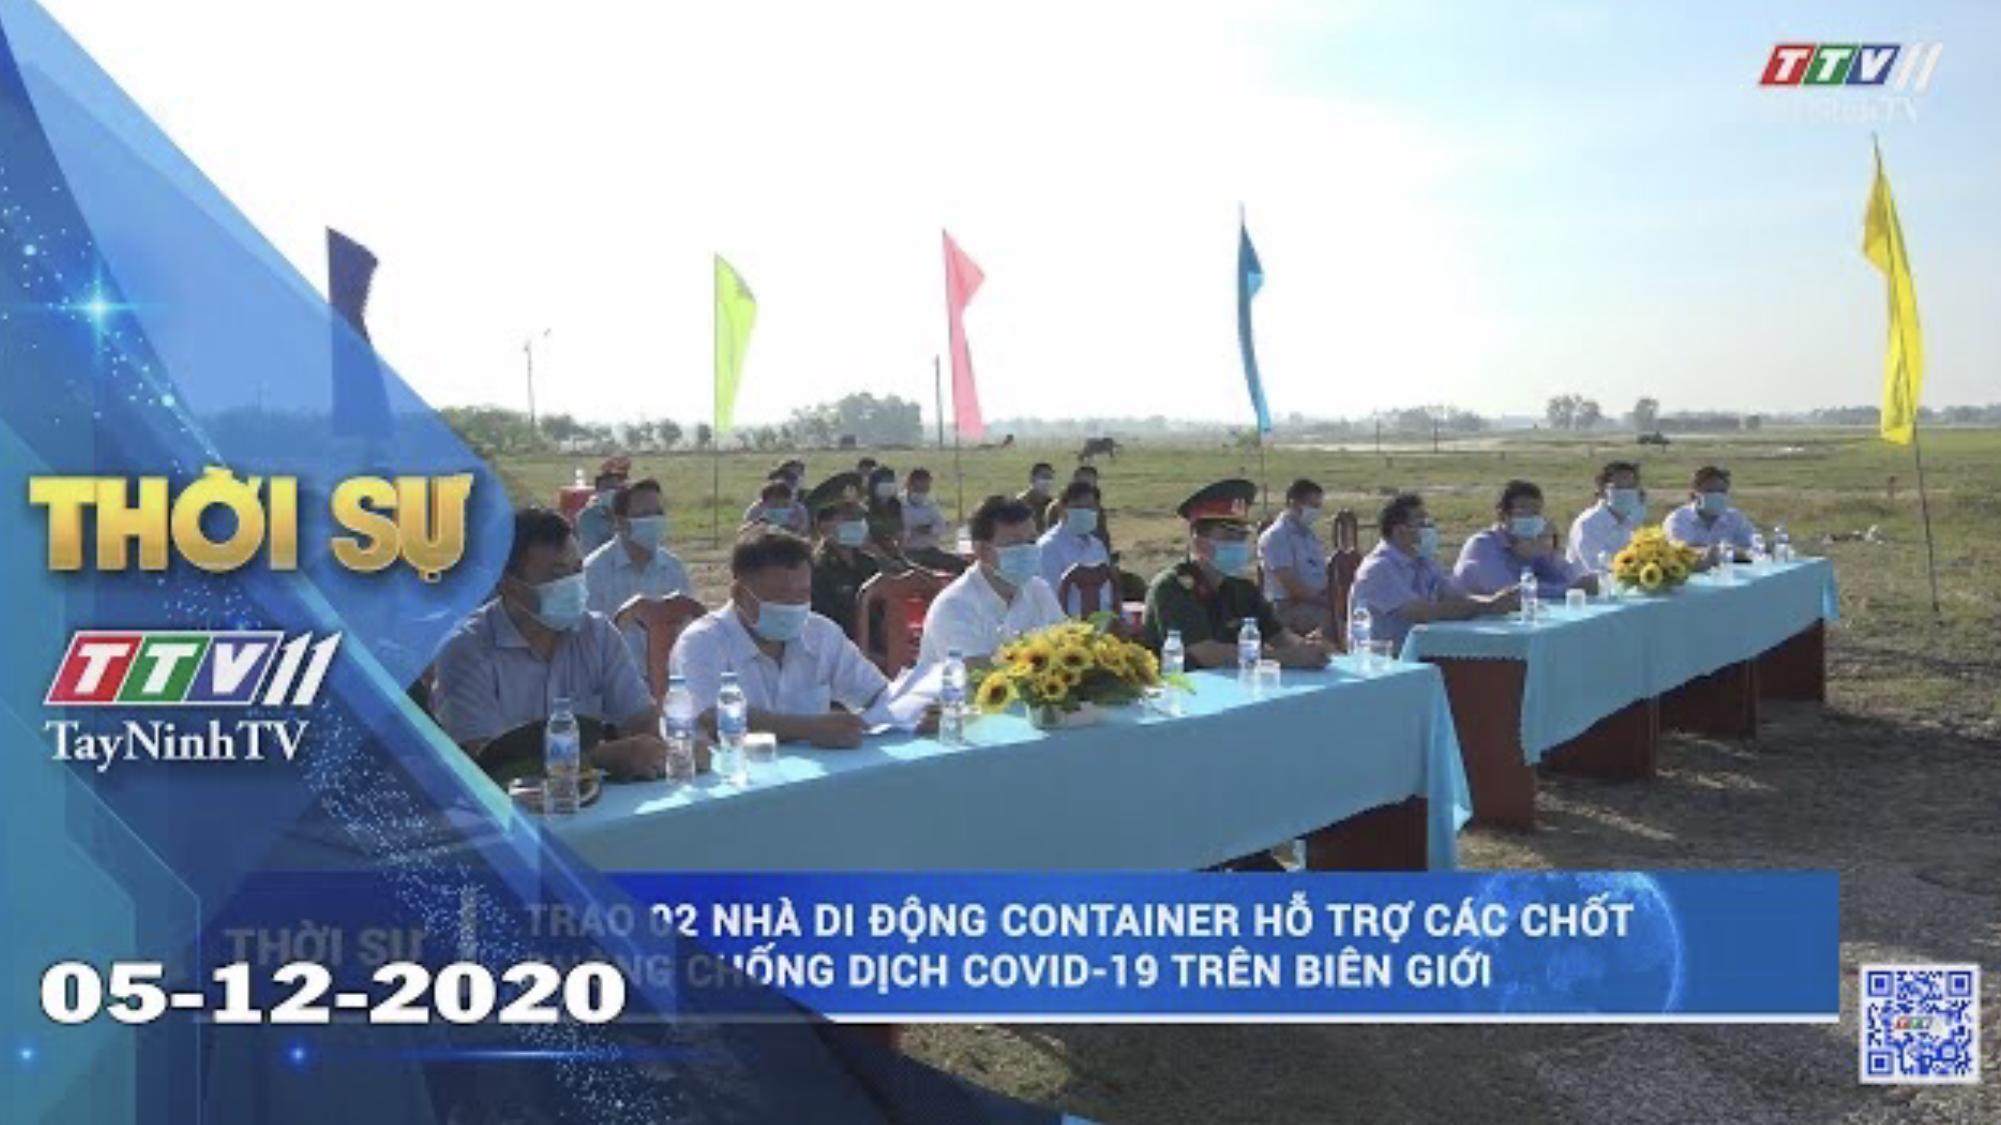 Thời sự Tây Ninh 05-12-2020 | Tin tức hôm nay | TayNinhTV